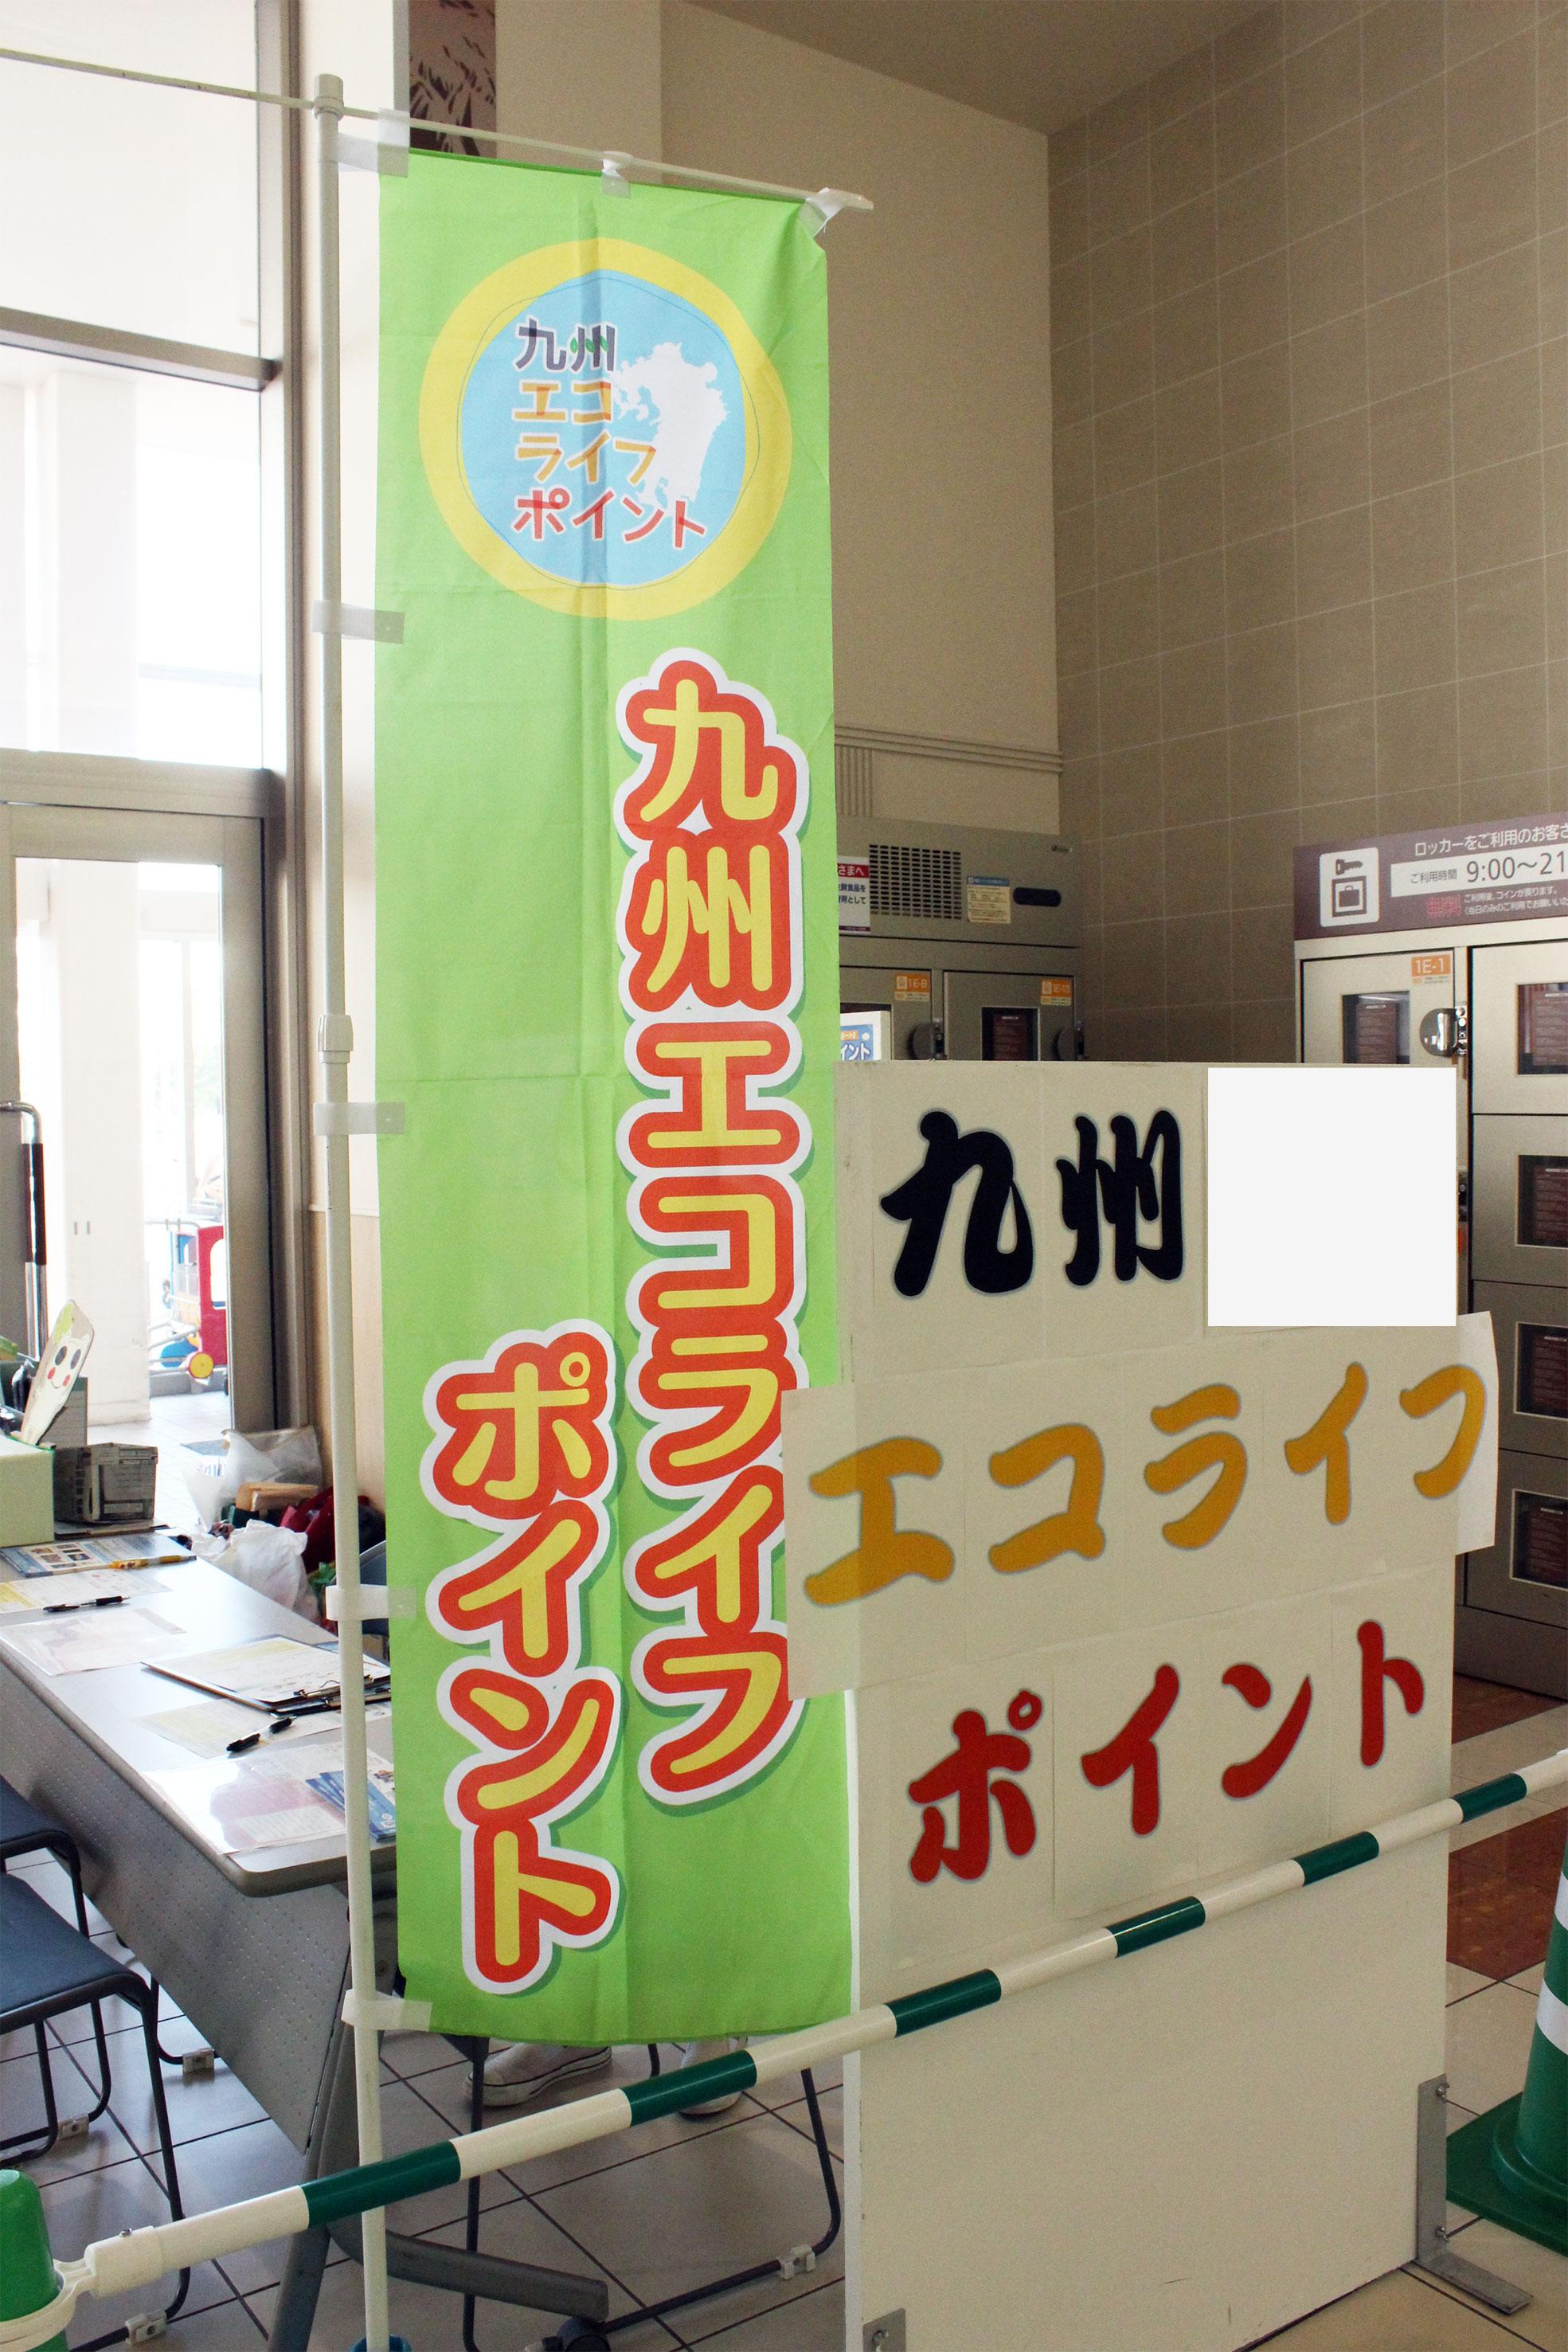 九州エコライフポイント申込み受付ブースのお知らせ